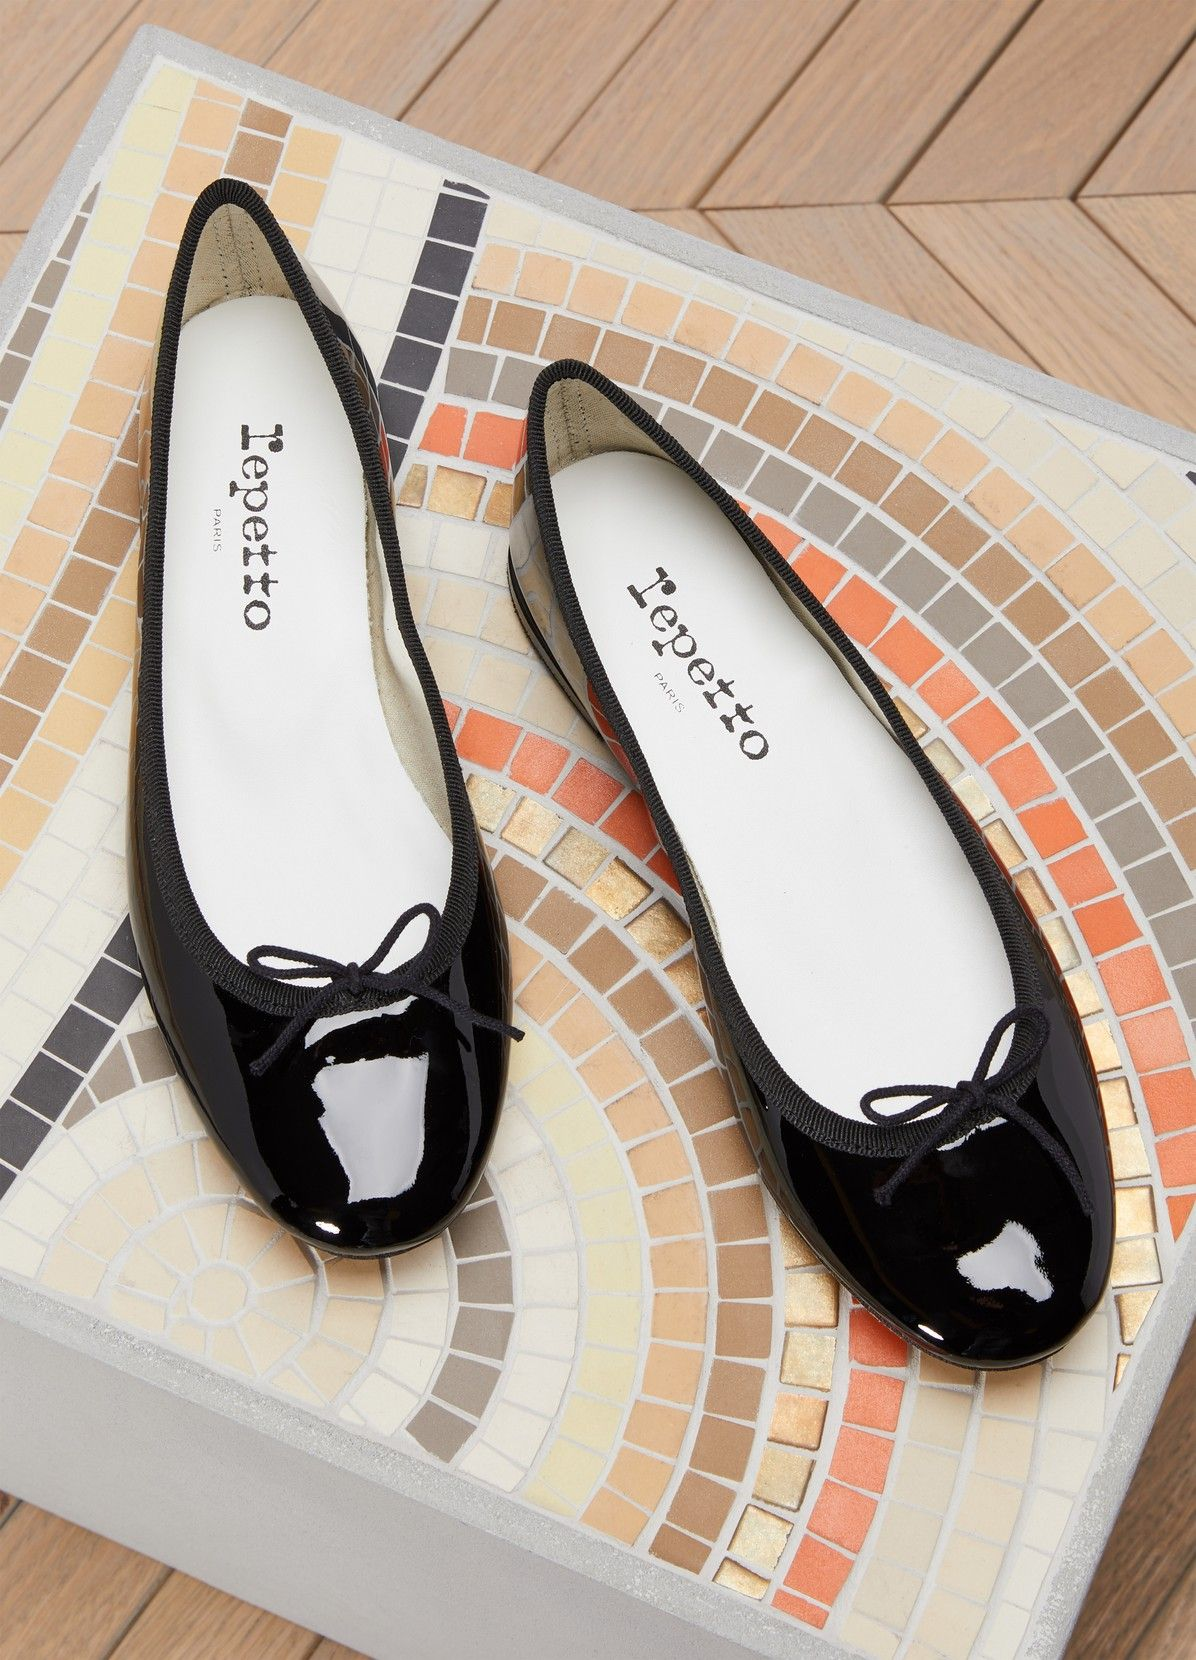 REPETTO Cendrillon Patent Leather